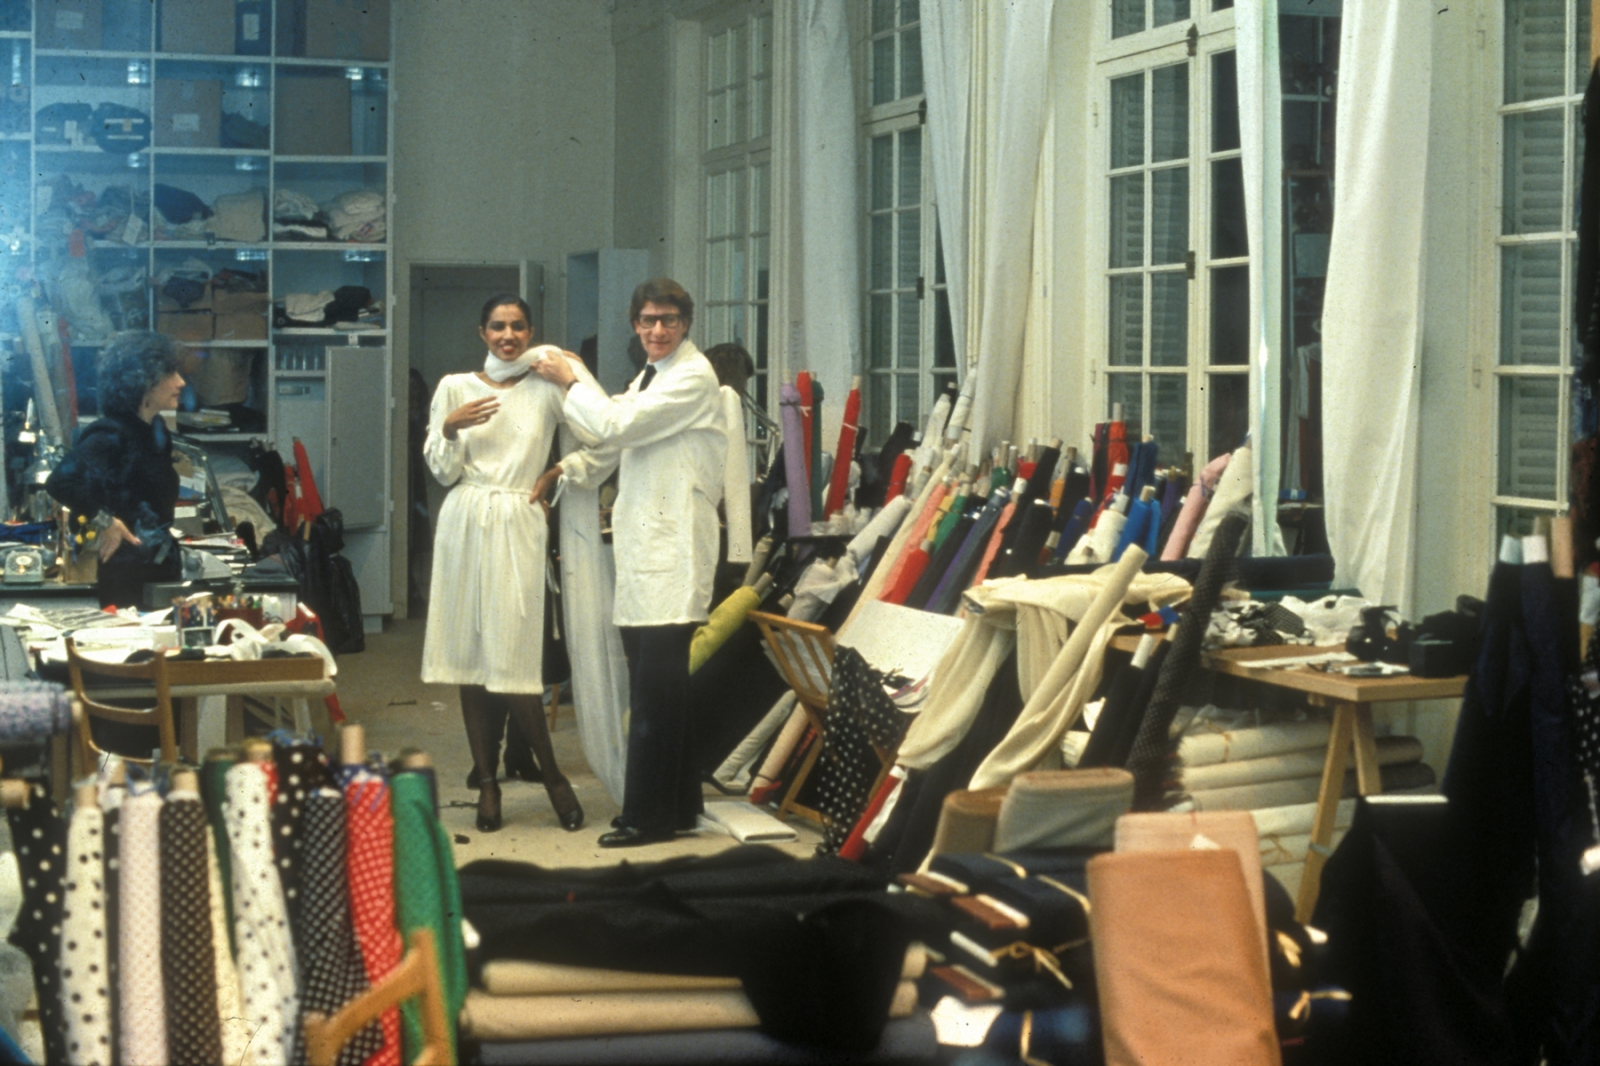 Kirat Young et Yves Saint Laurent dans le studio du couturier, 1983